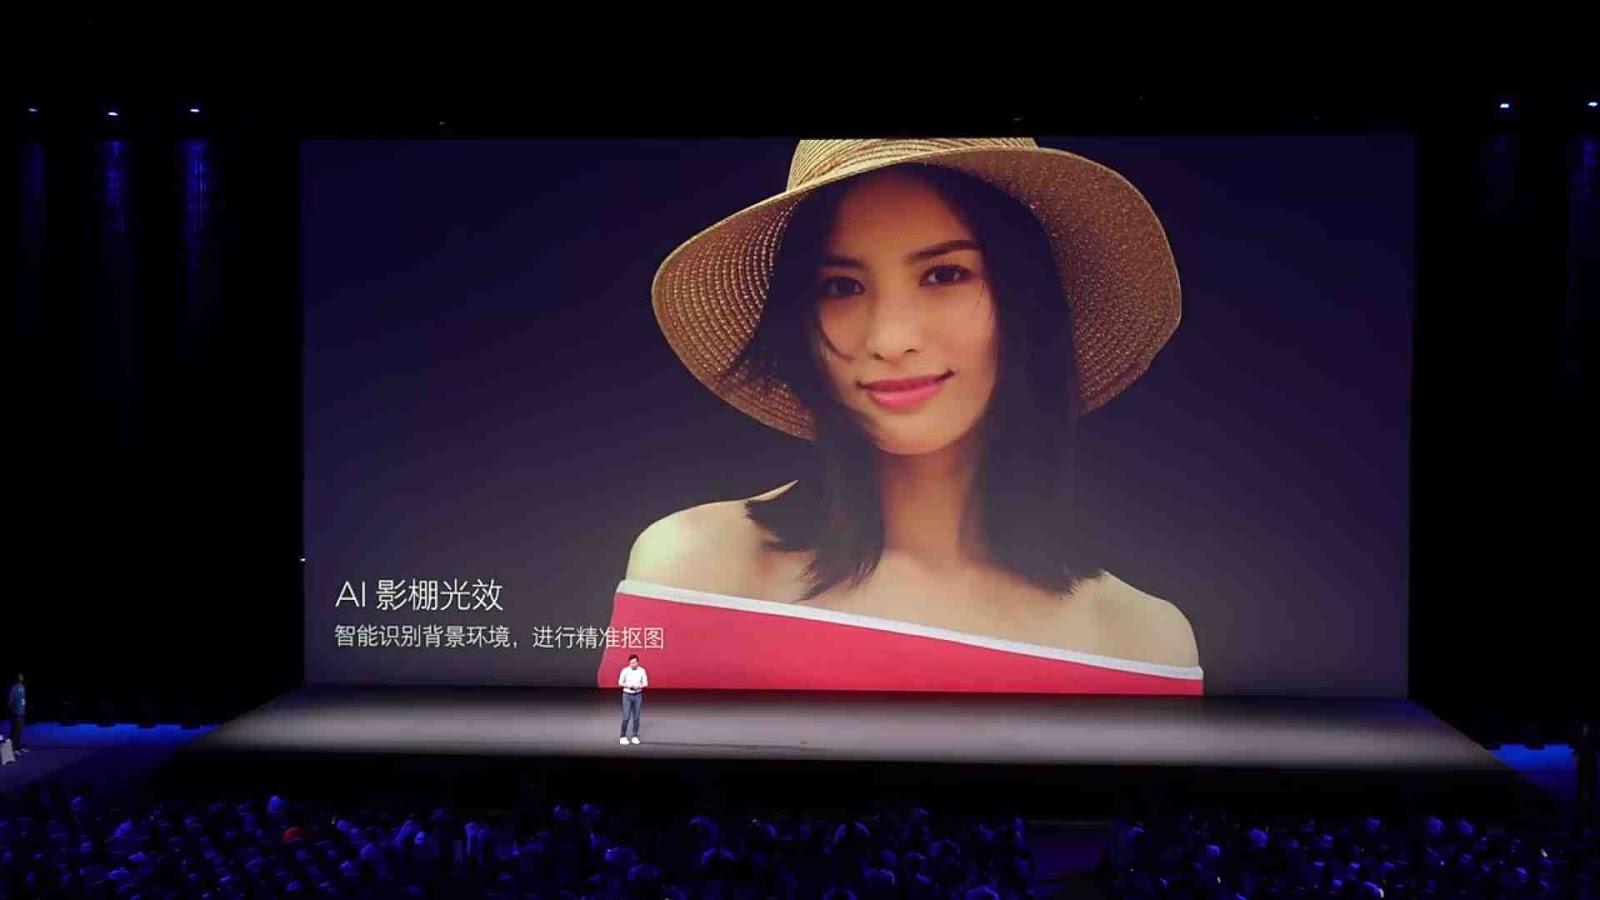 Xiaomi's studio lighting